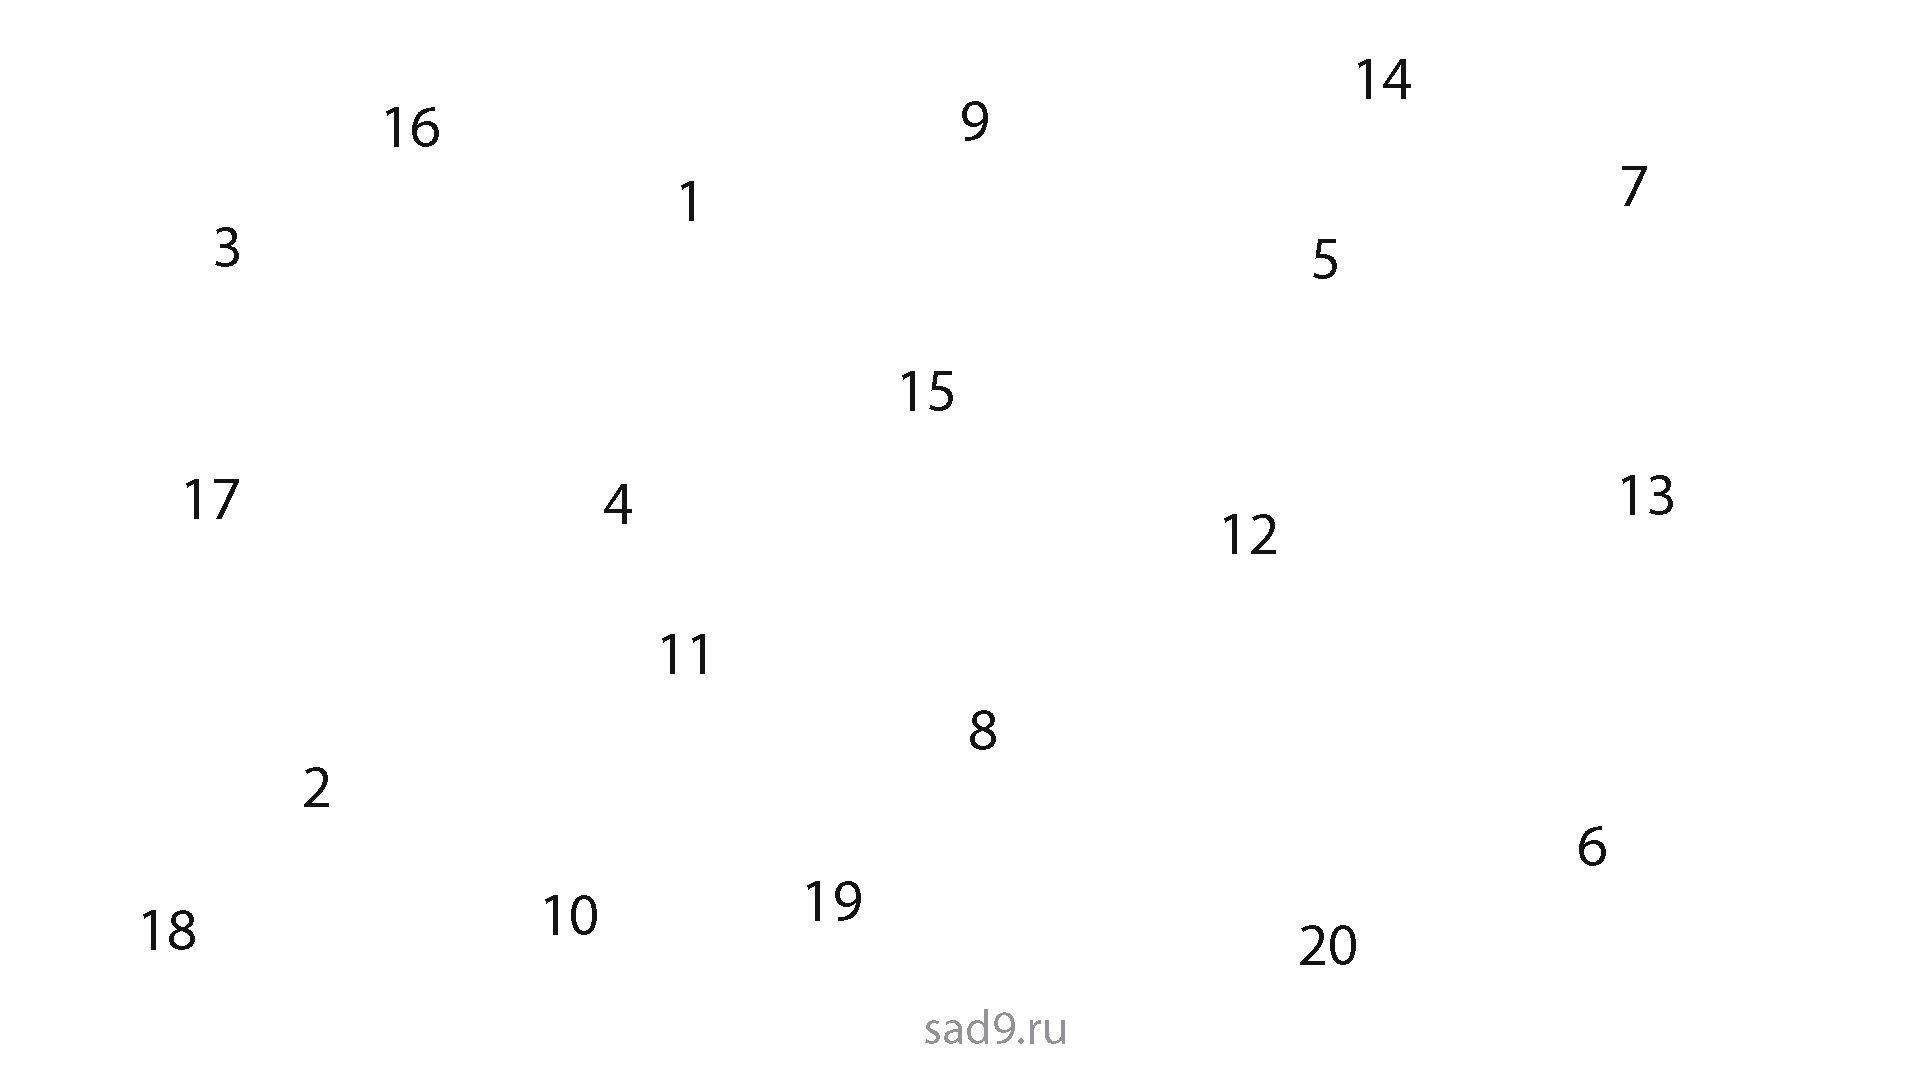 Задания по математике для дошкольников 6-7 лет